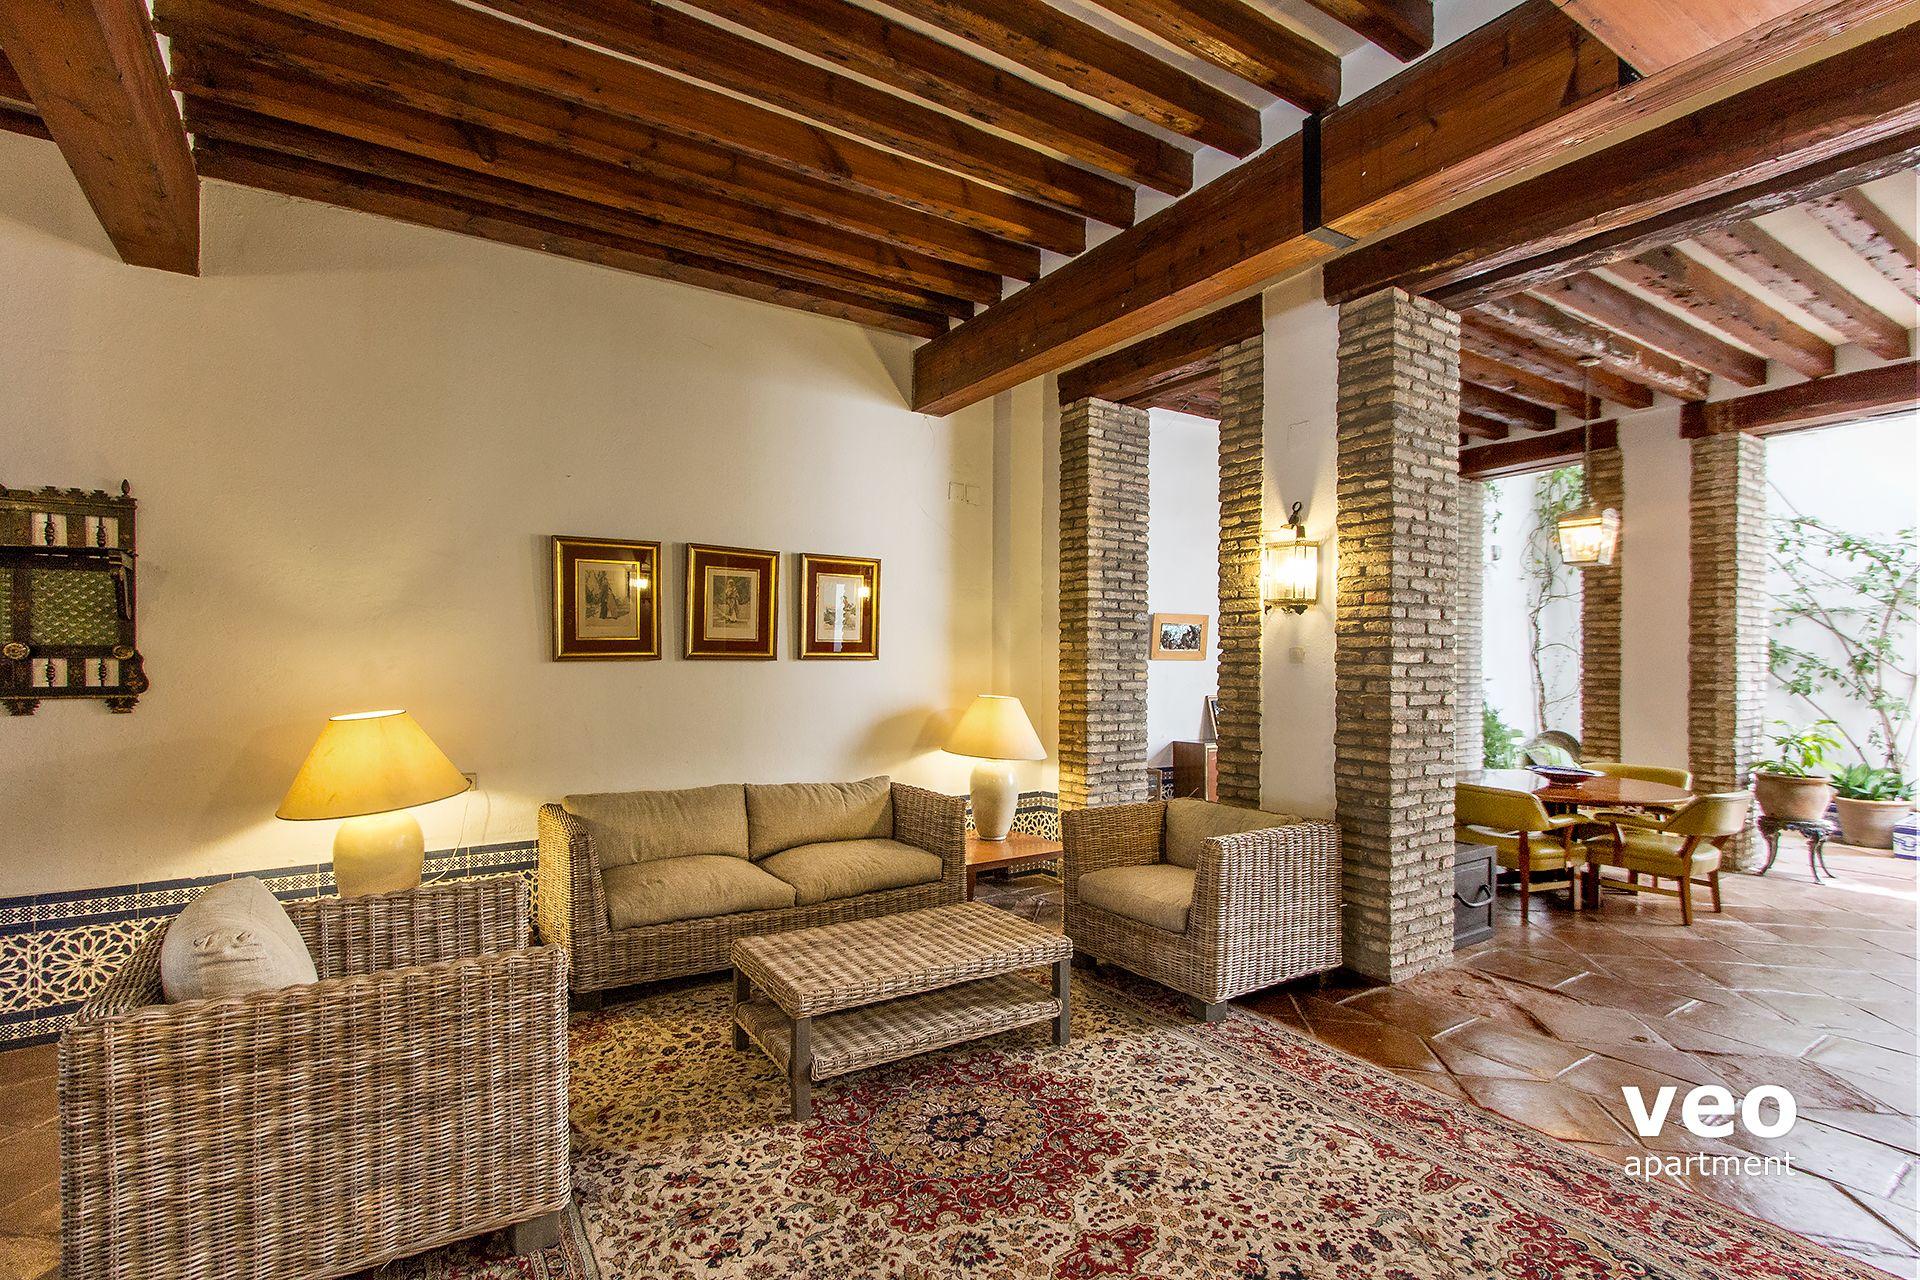 Seville Apartment Monsalves Street Seville Spain